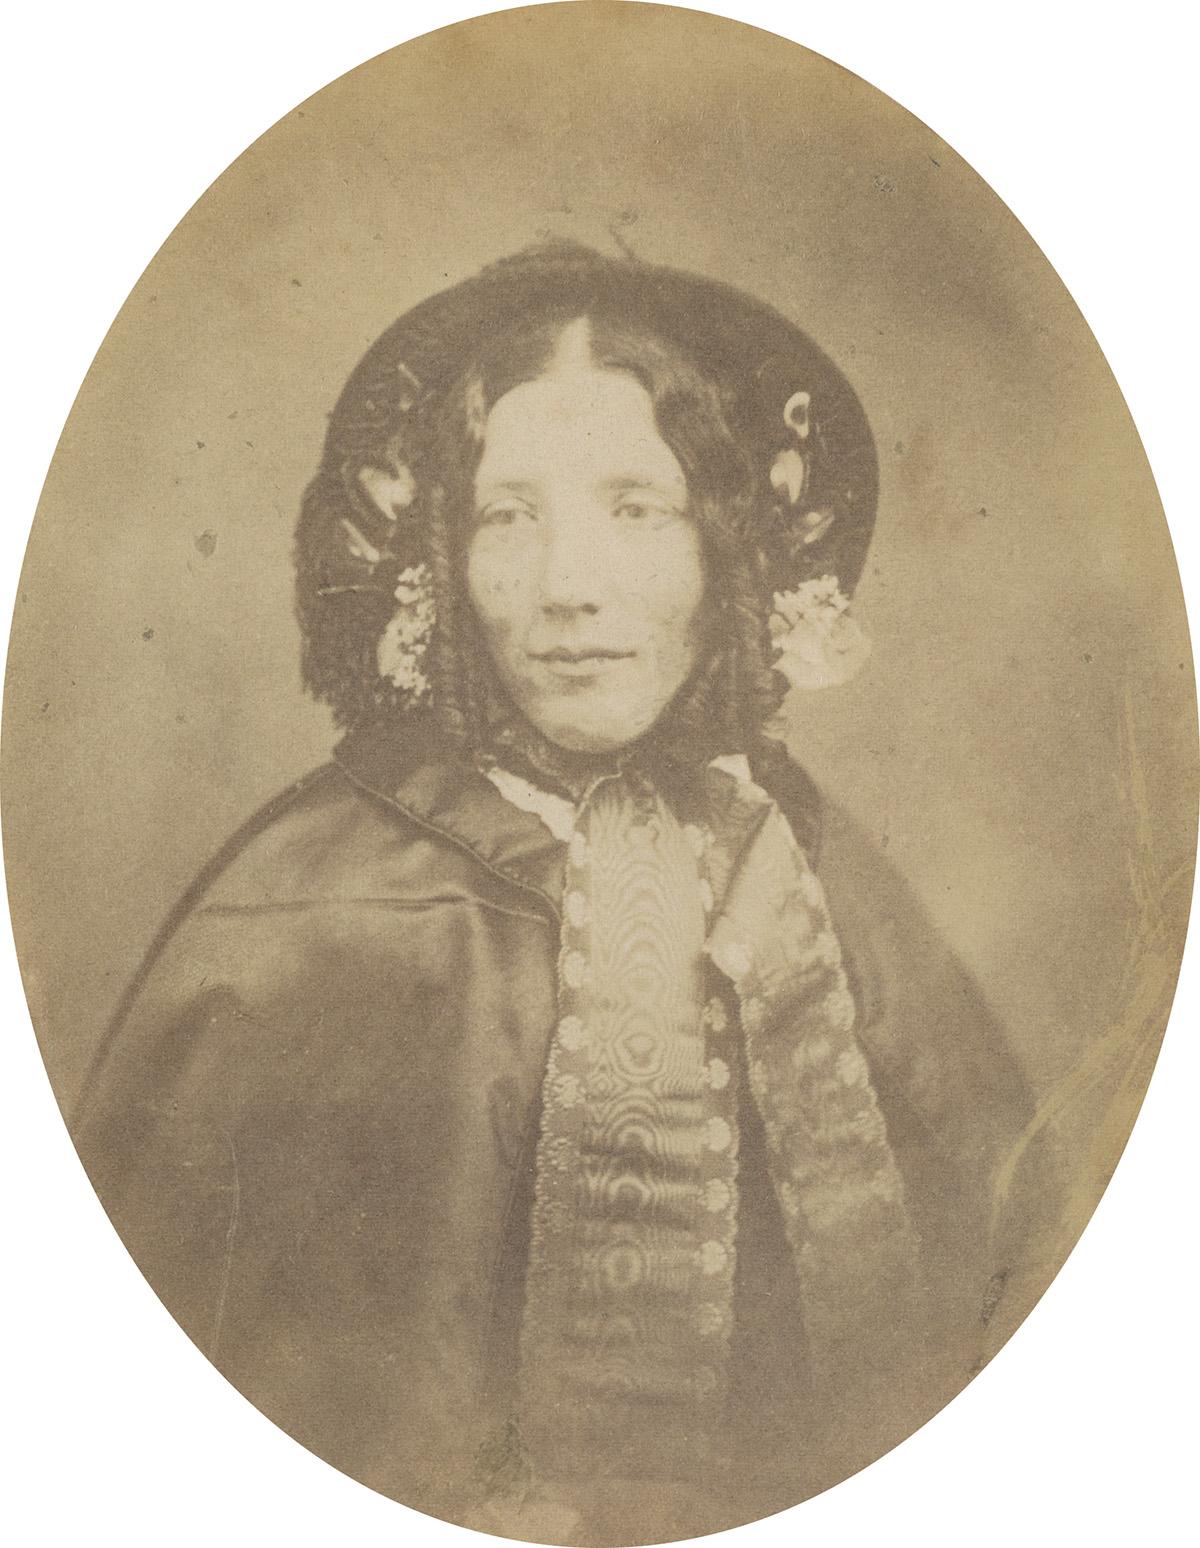 JOHN WHIPPLE (1822-1891) Harriet Beecher Stowe.